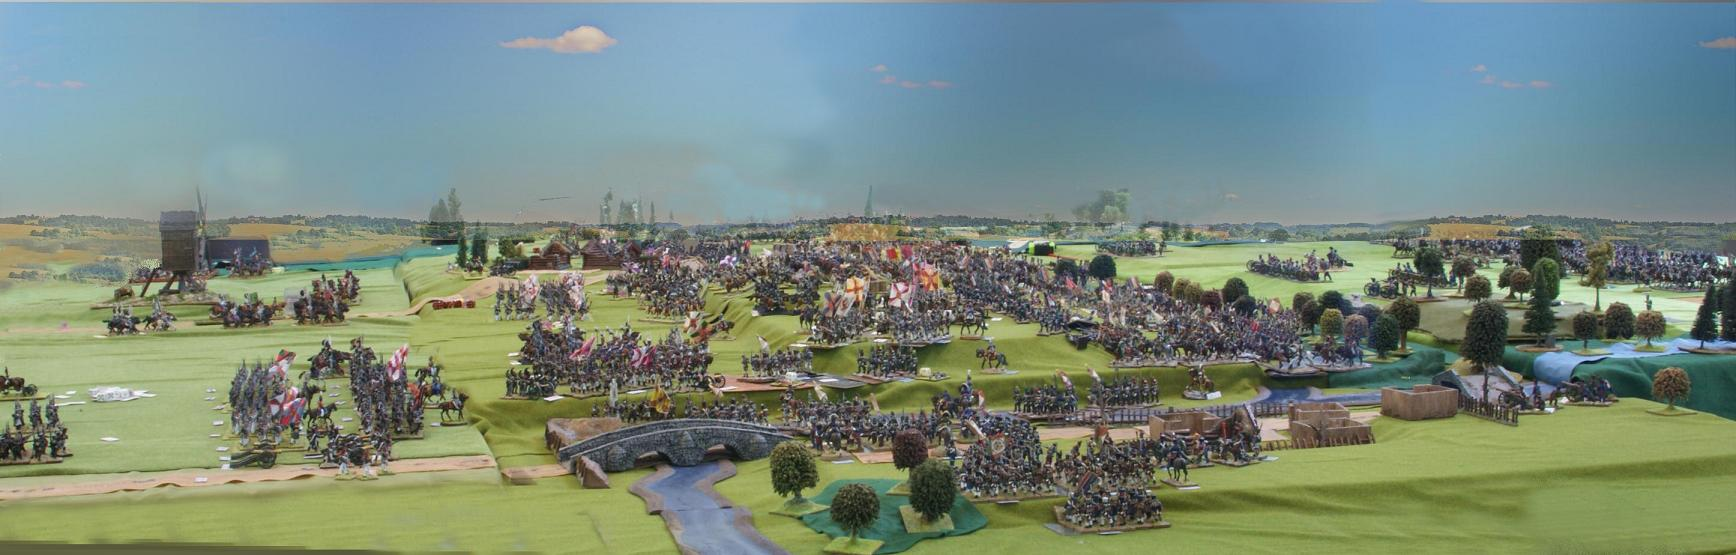 souvenirs de la reconsitution de Borodino Moskowa des 20-21 / 10 /2012 Boro110